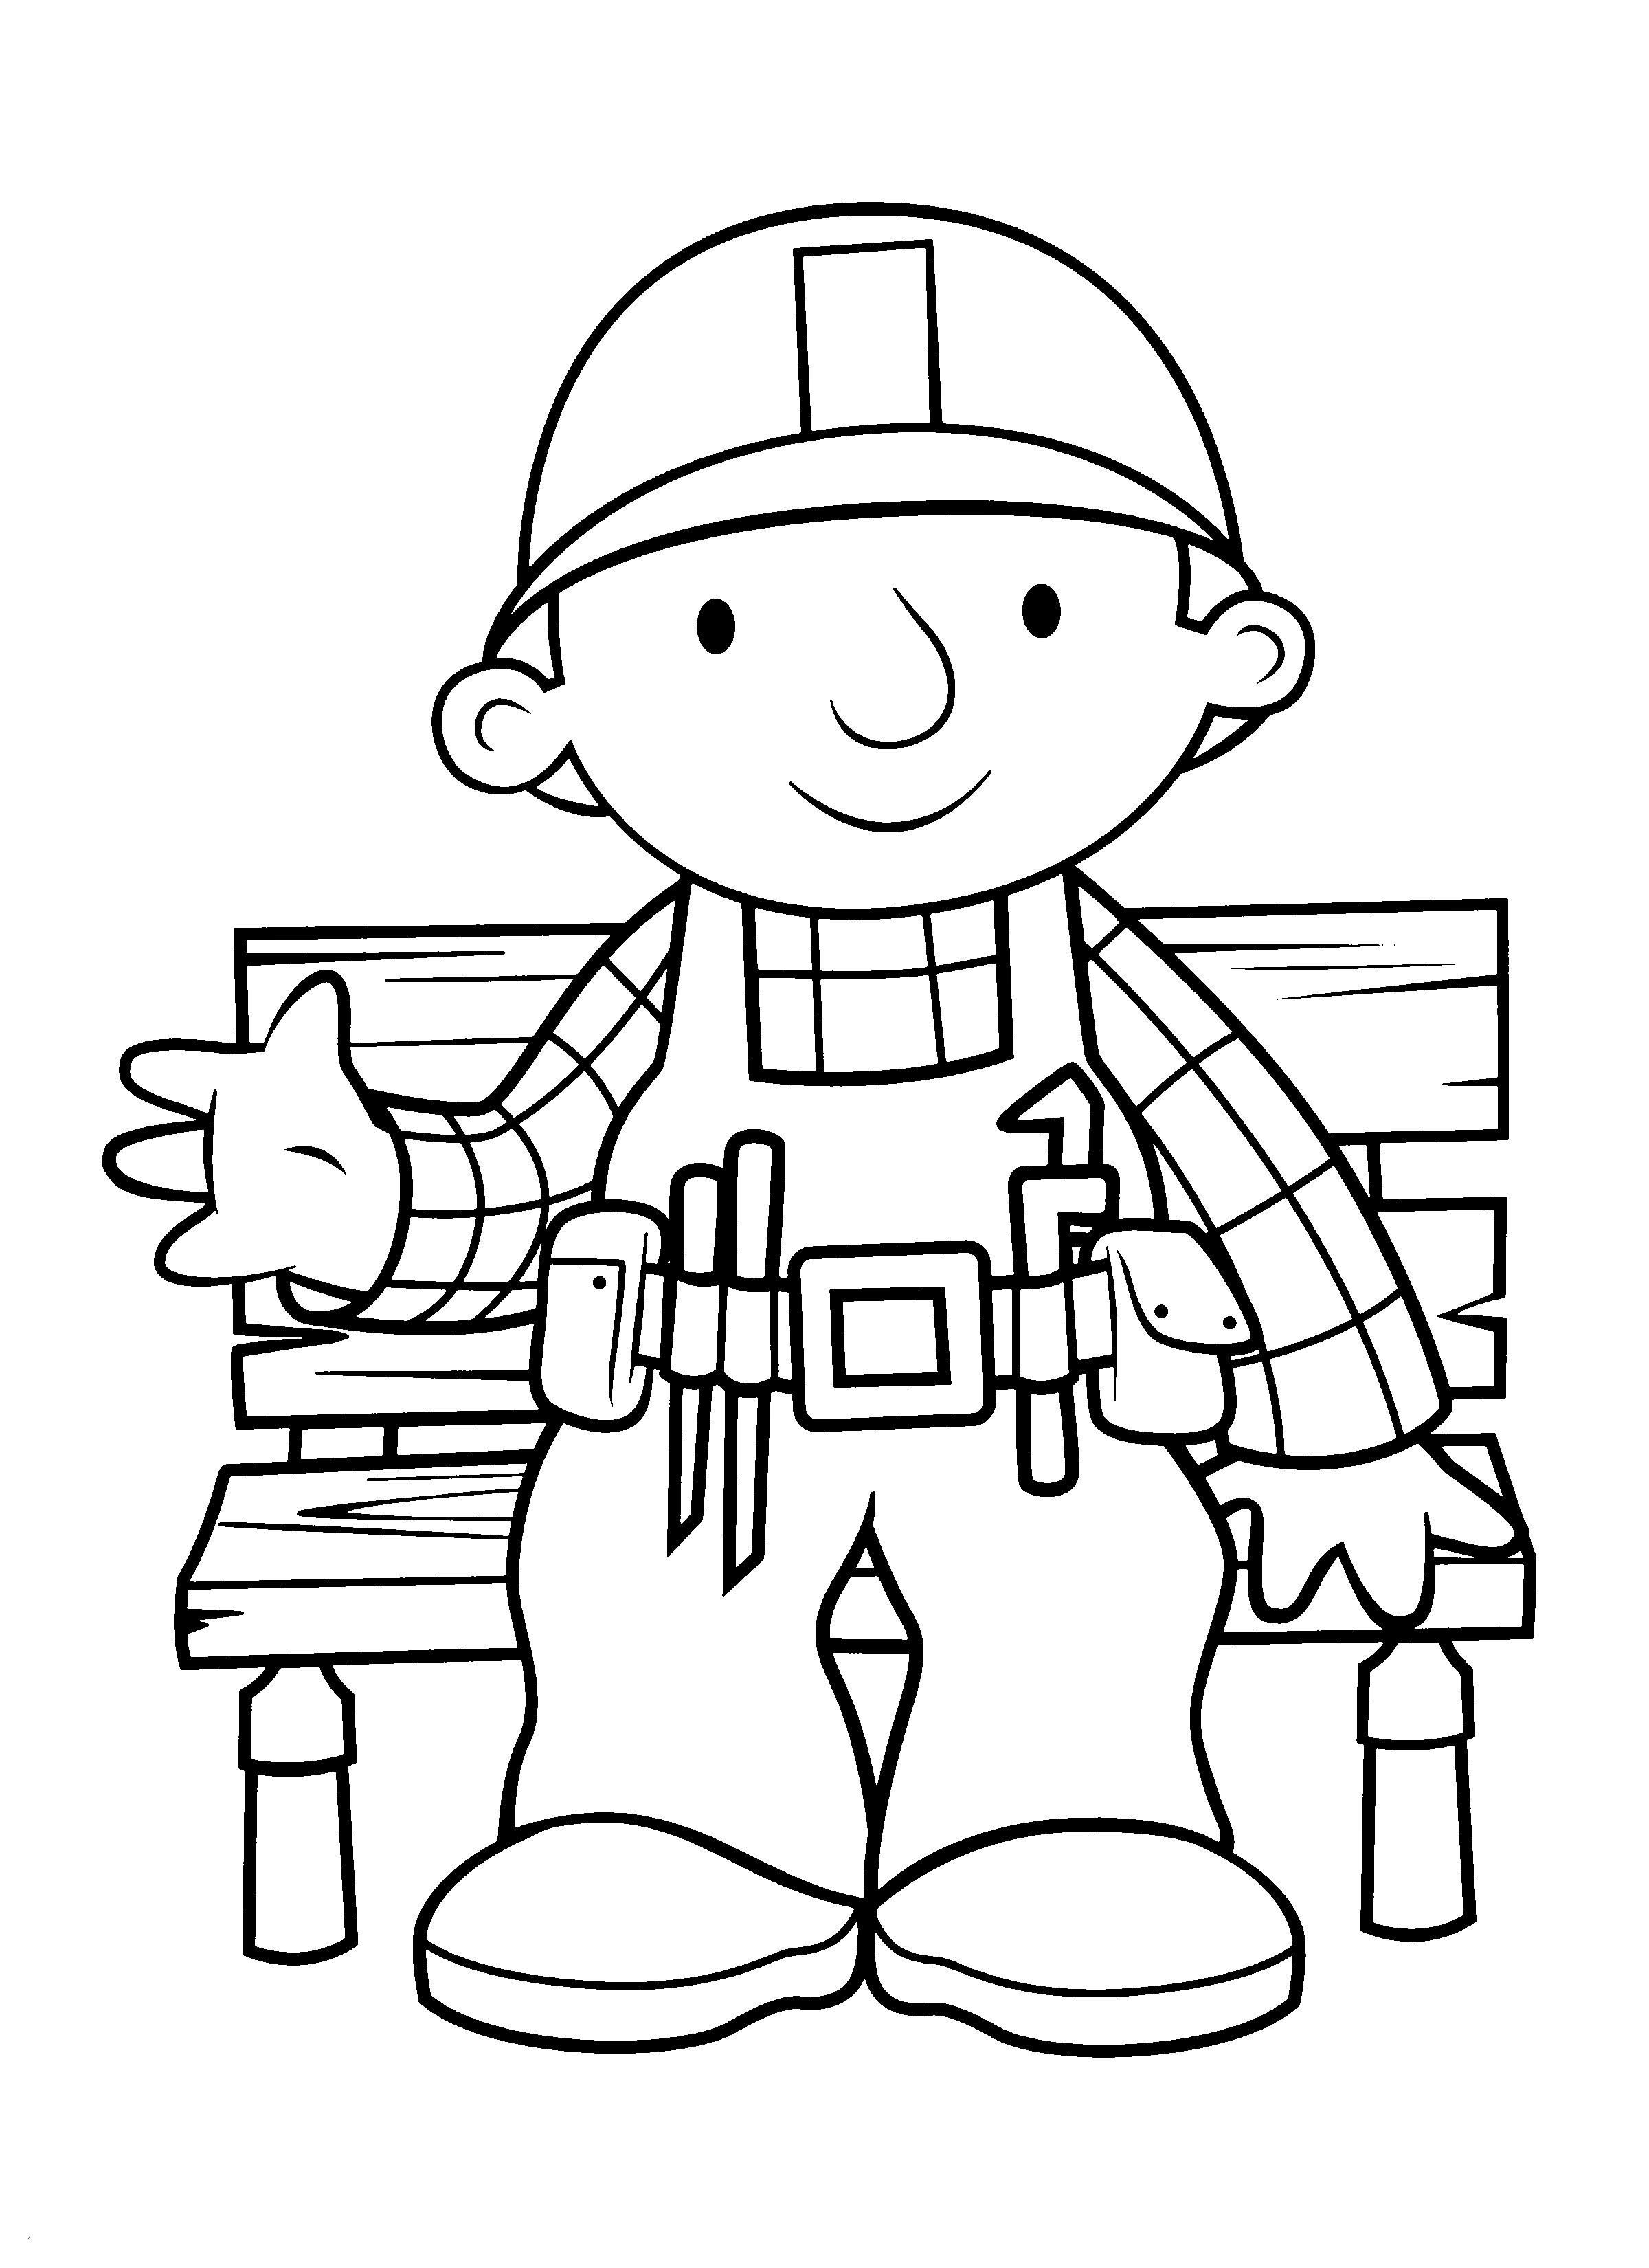 Minions Ausmalbilder Bob Teddy Inspirierend Malvorlagen Bob Der Baumeister Genial 40 Malvorlagen Minions Bob Bild